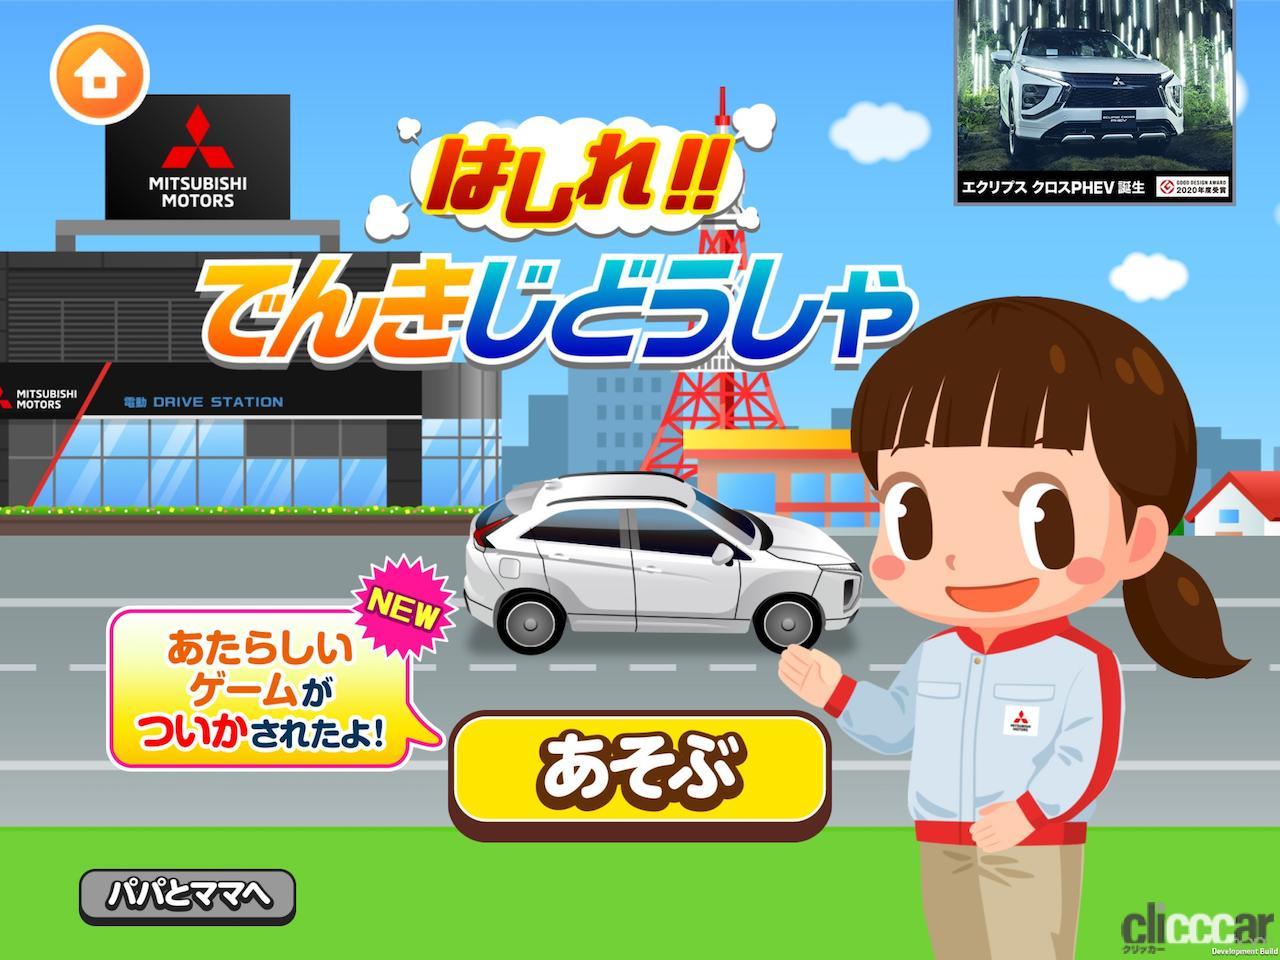 「うんてんごっこ」追加で三菱自動車の社会体験アプリ「ごっこランド」が充実!